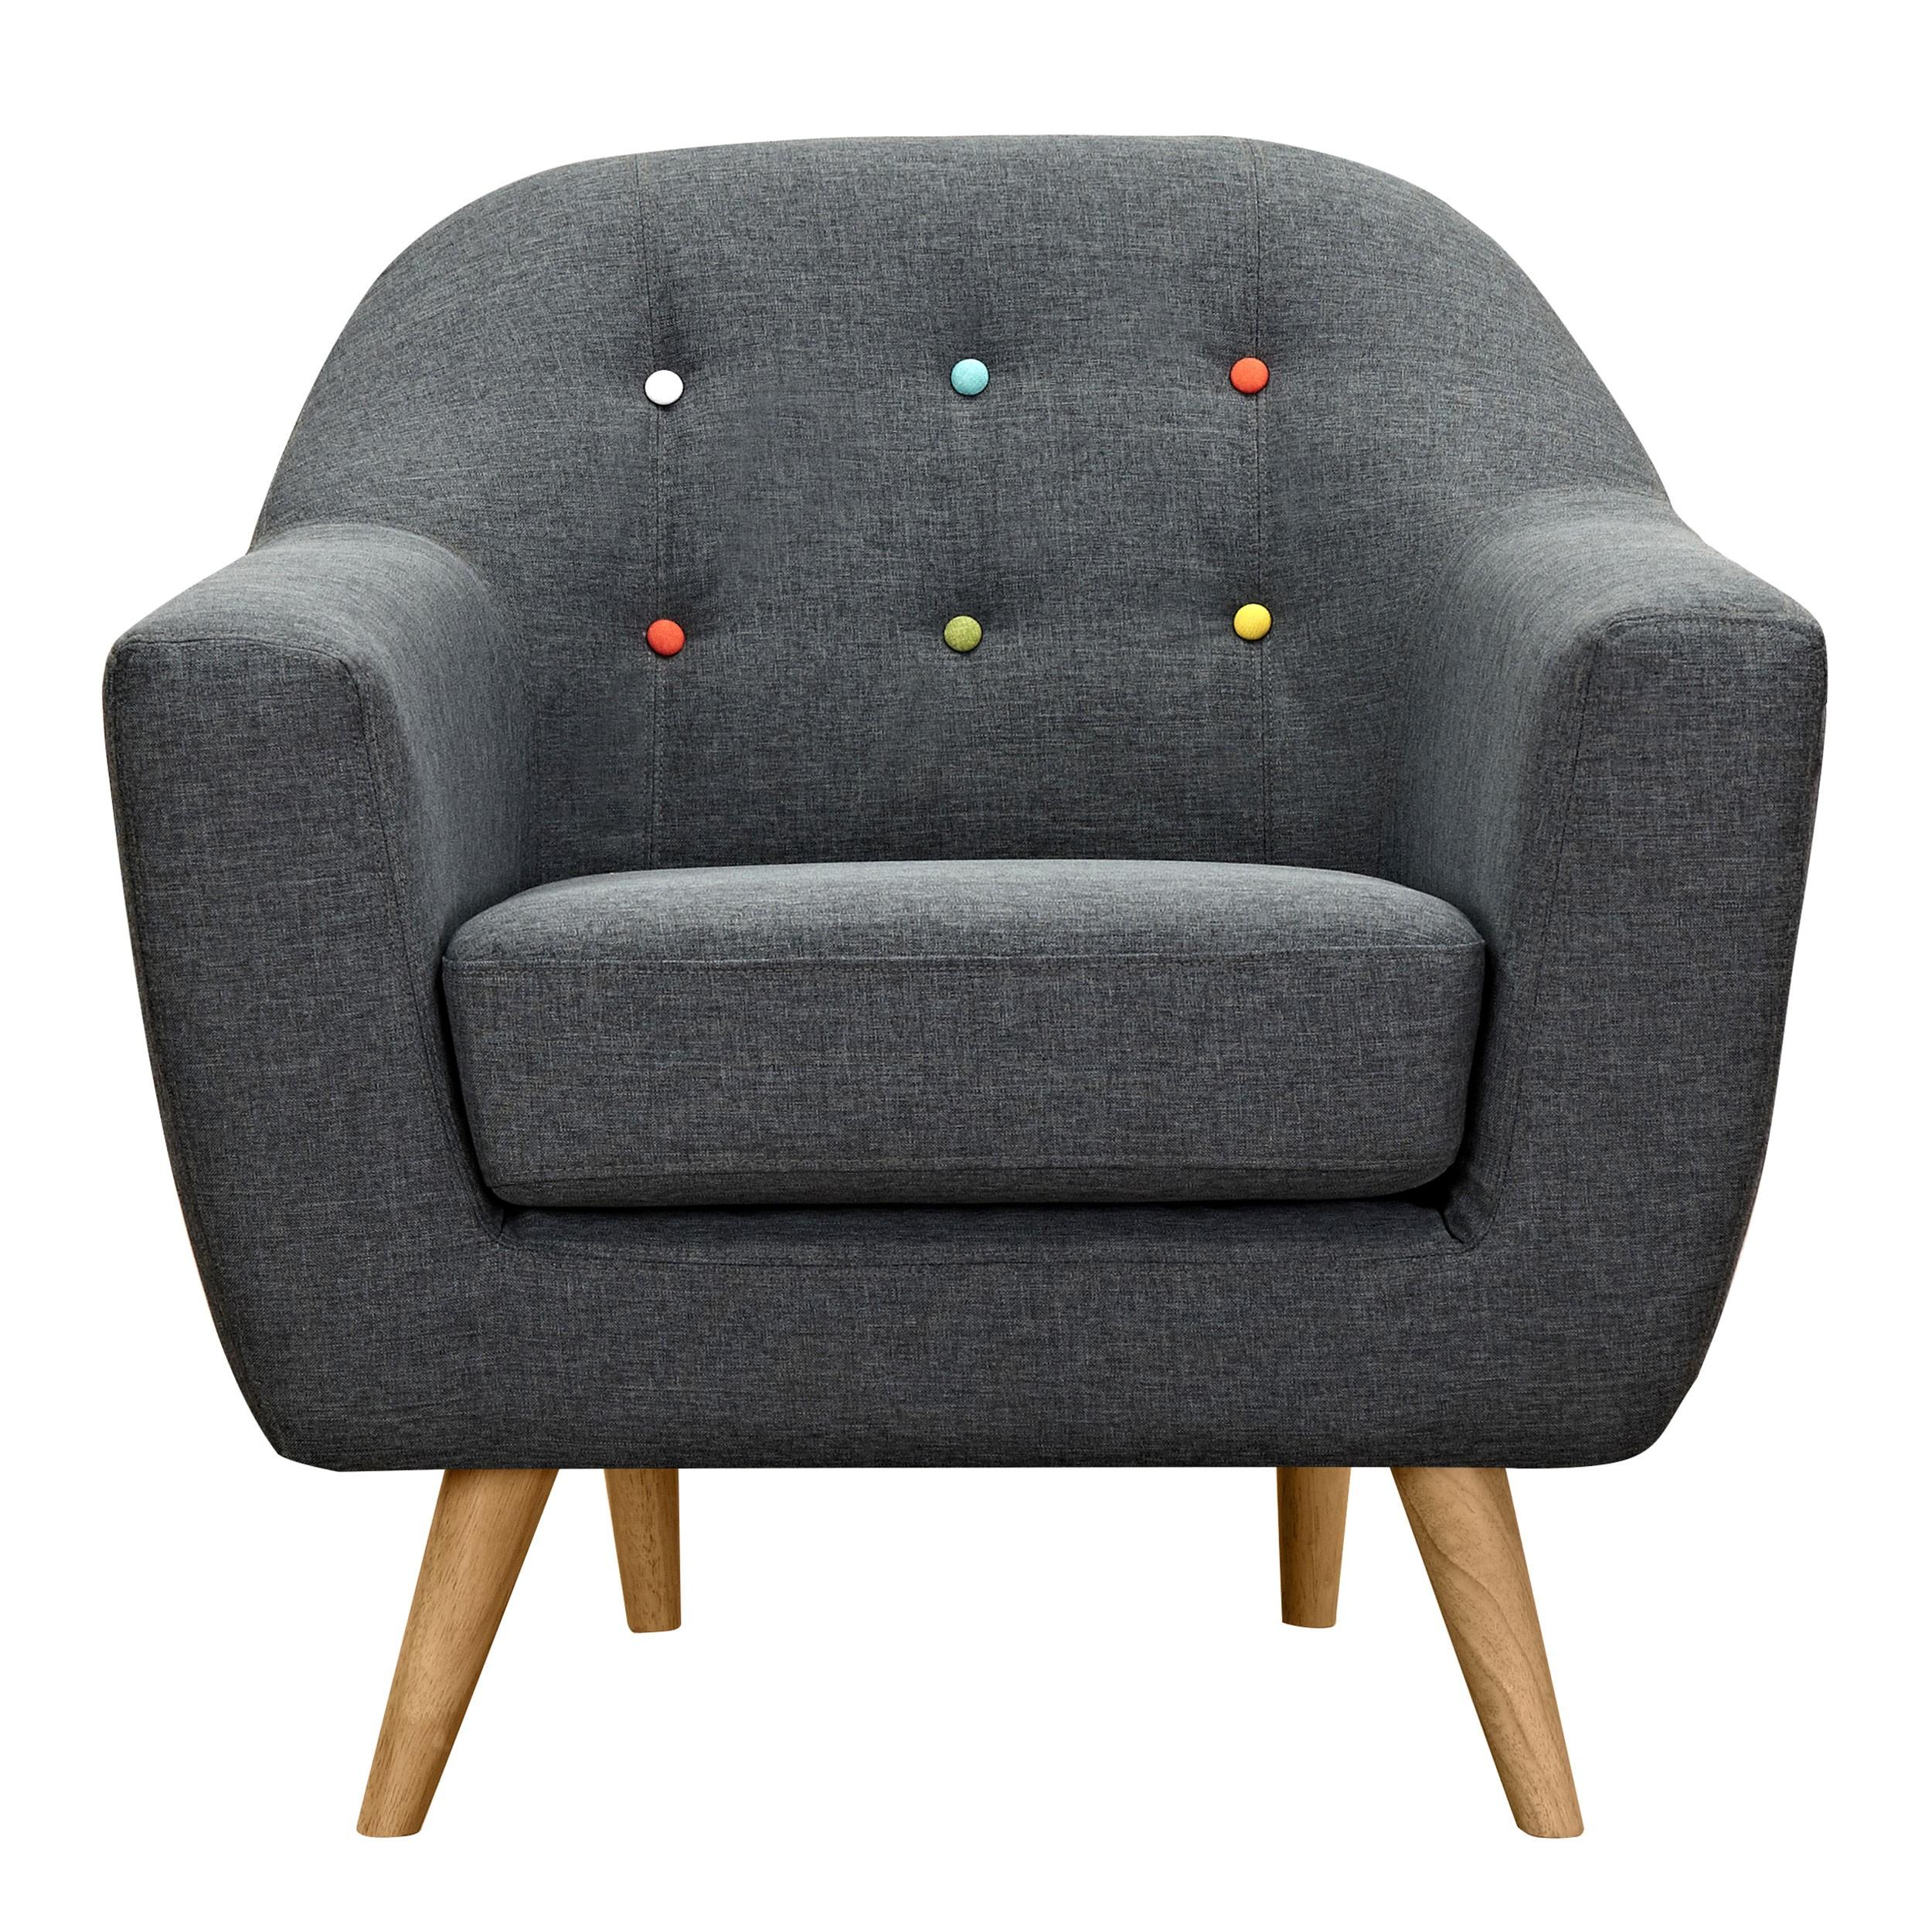 acheter fauteuil gris fonc  tissu Résultat Supérieur 5 Bon Marché Fauteuil Acheter Photographie 2017 Xzw1